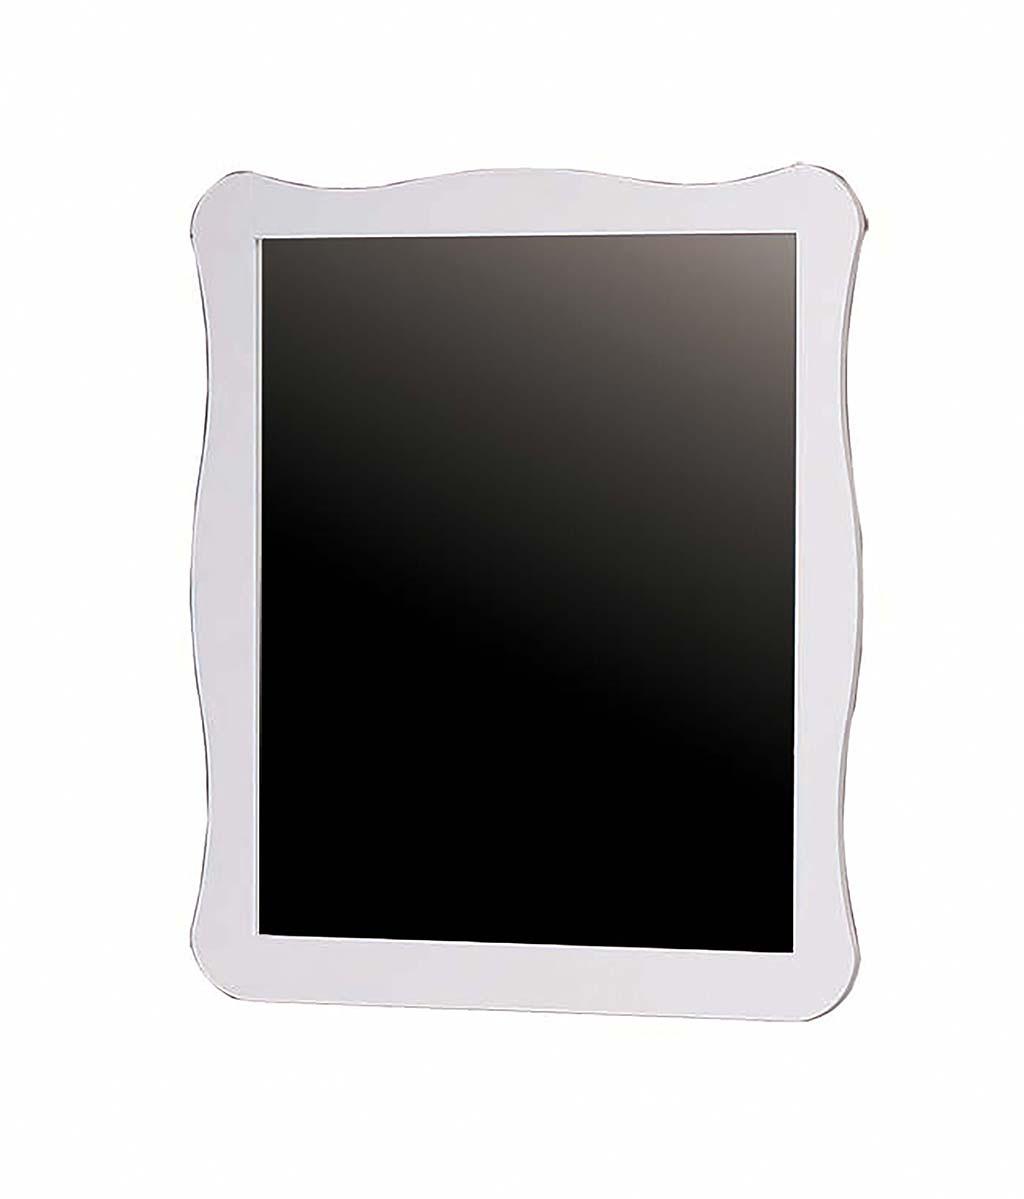 """Καθρέπτης """"NOSTALGIA"""" από ξύλο σε χρώμα λευκό 80x100x2"""